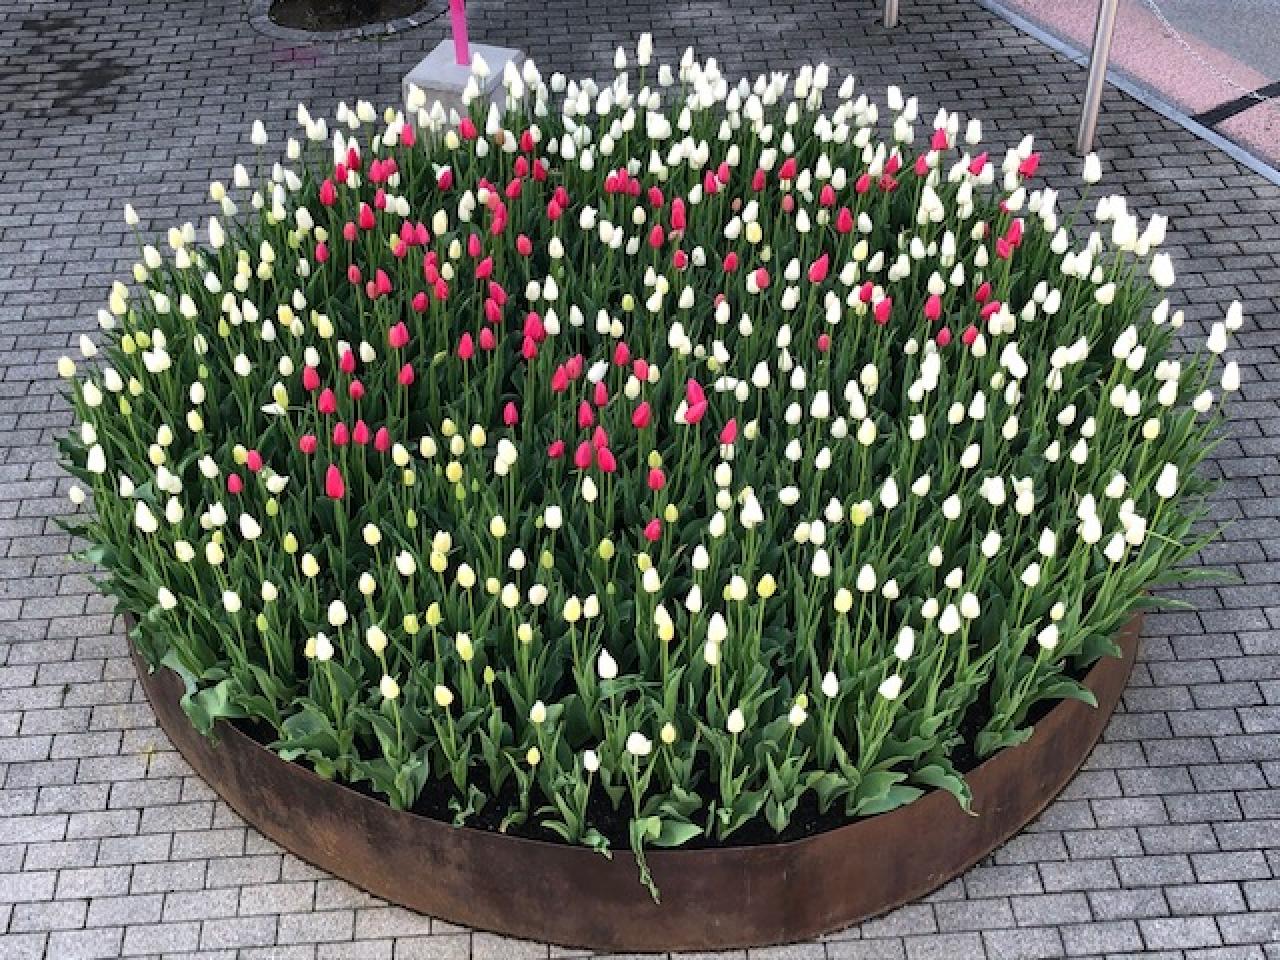 Come Si Piantano I Tulipani i tulipani della speranza fioriscono anche a origlio - laregione